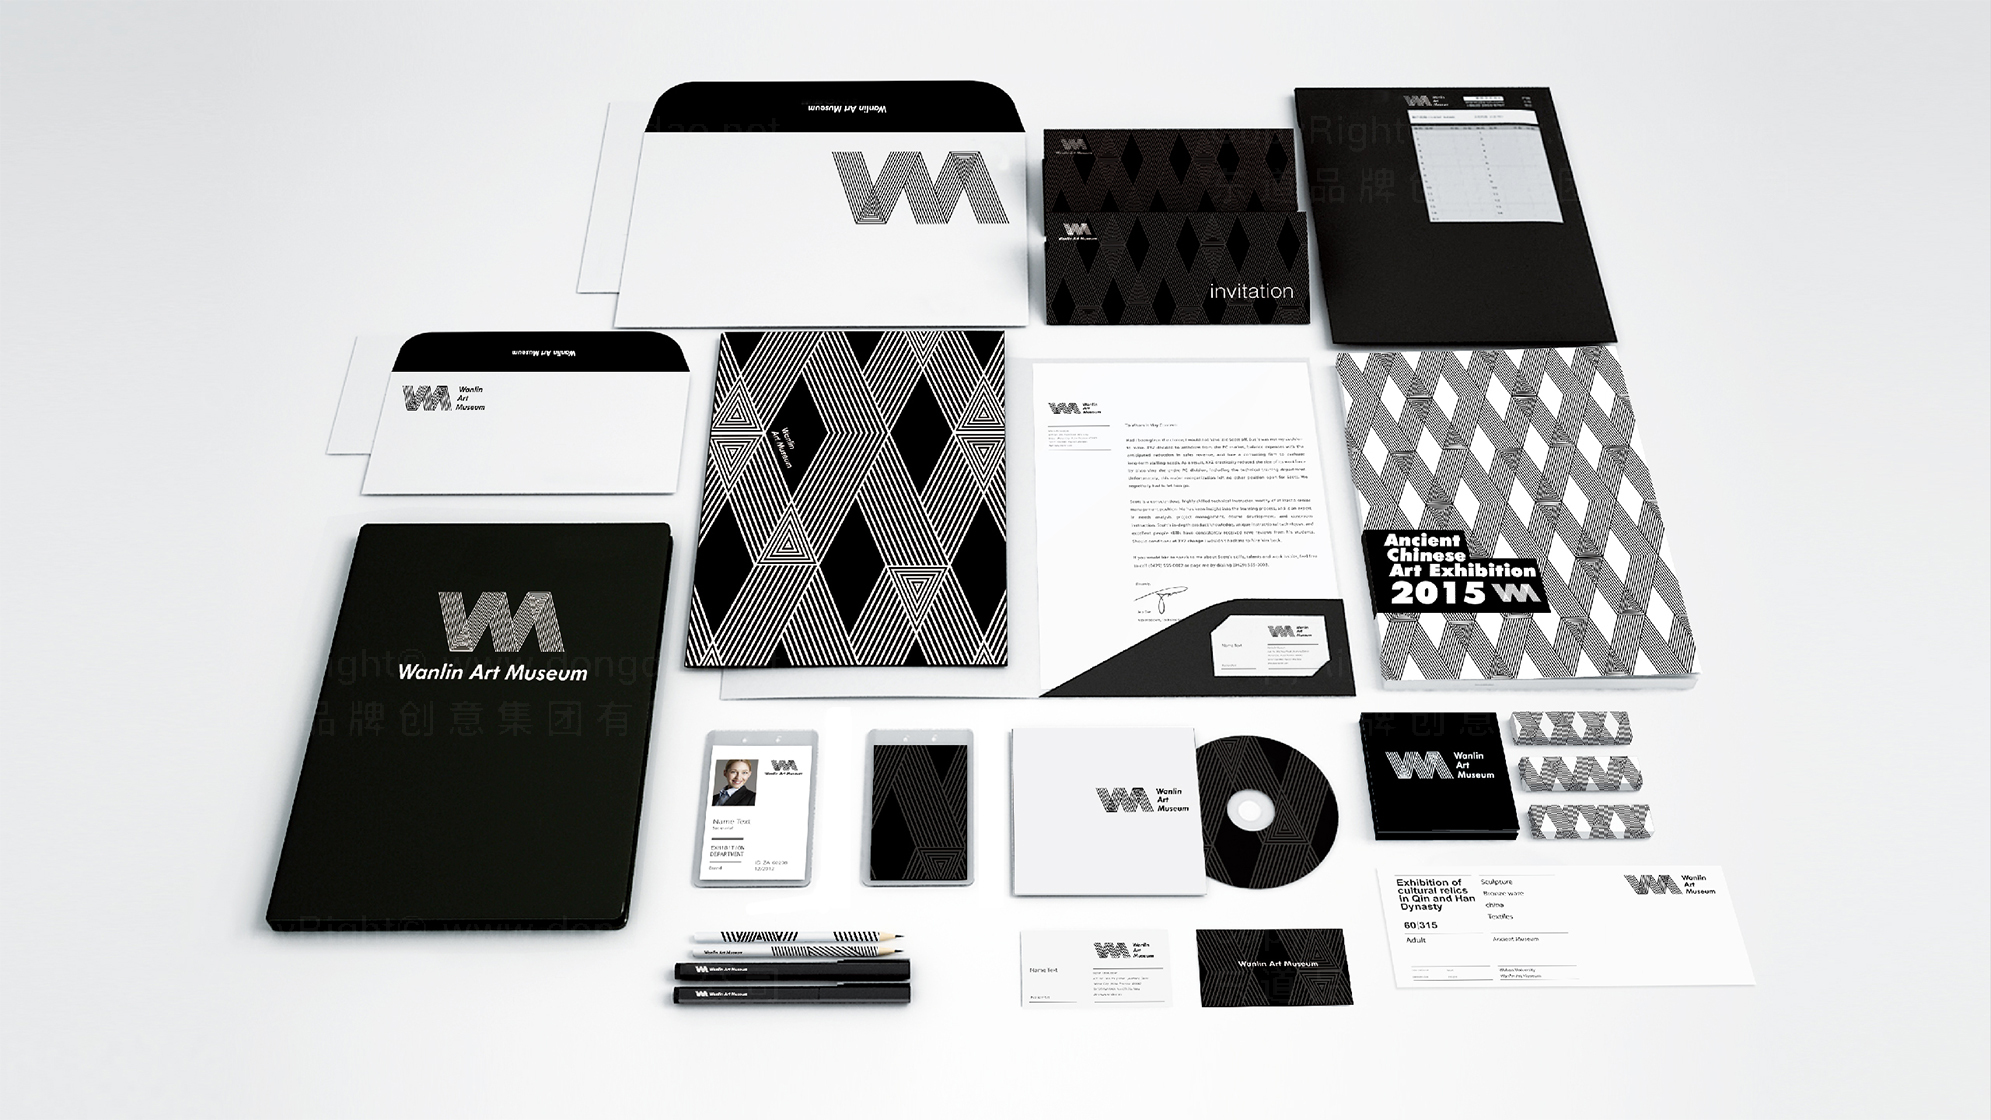 品牌设计武汉大学万林博物馆logo设计、vi设计应用场景